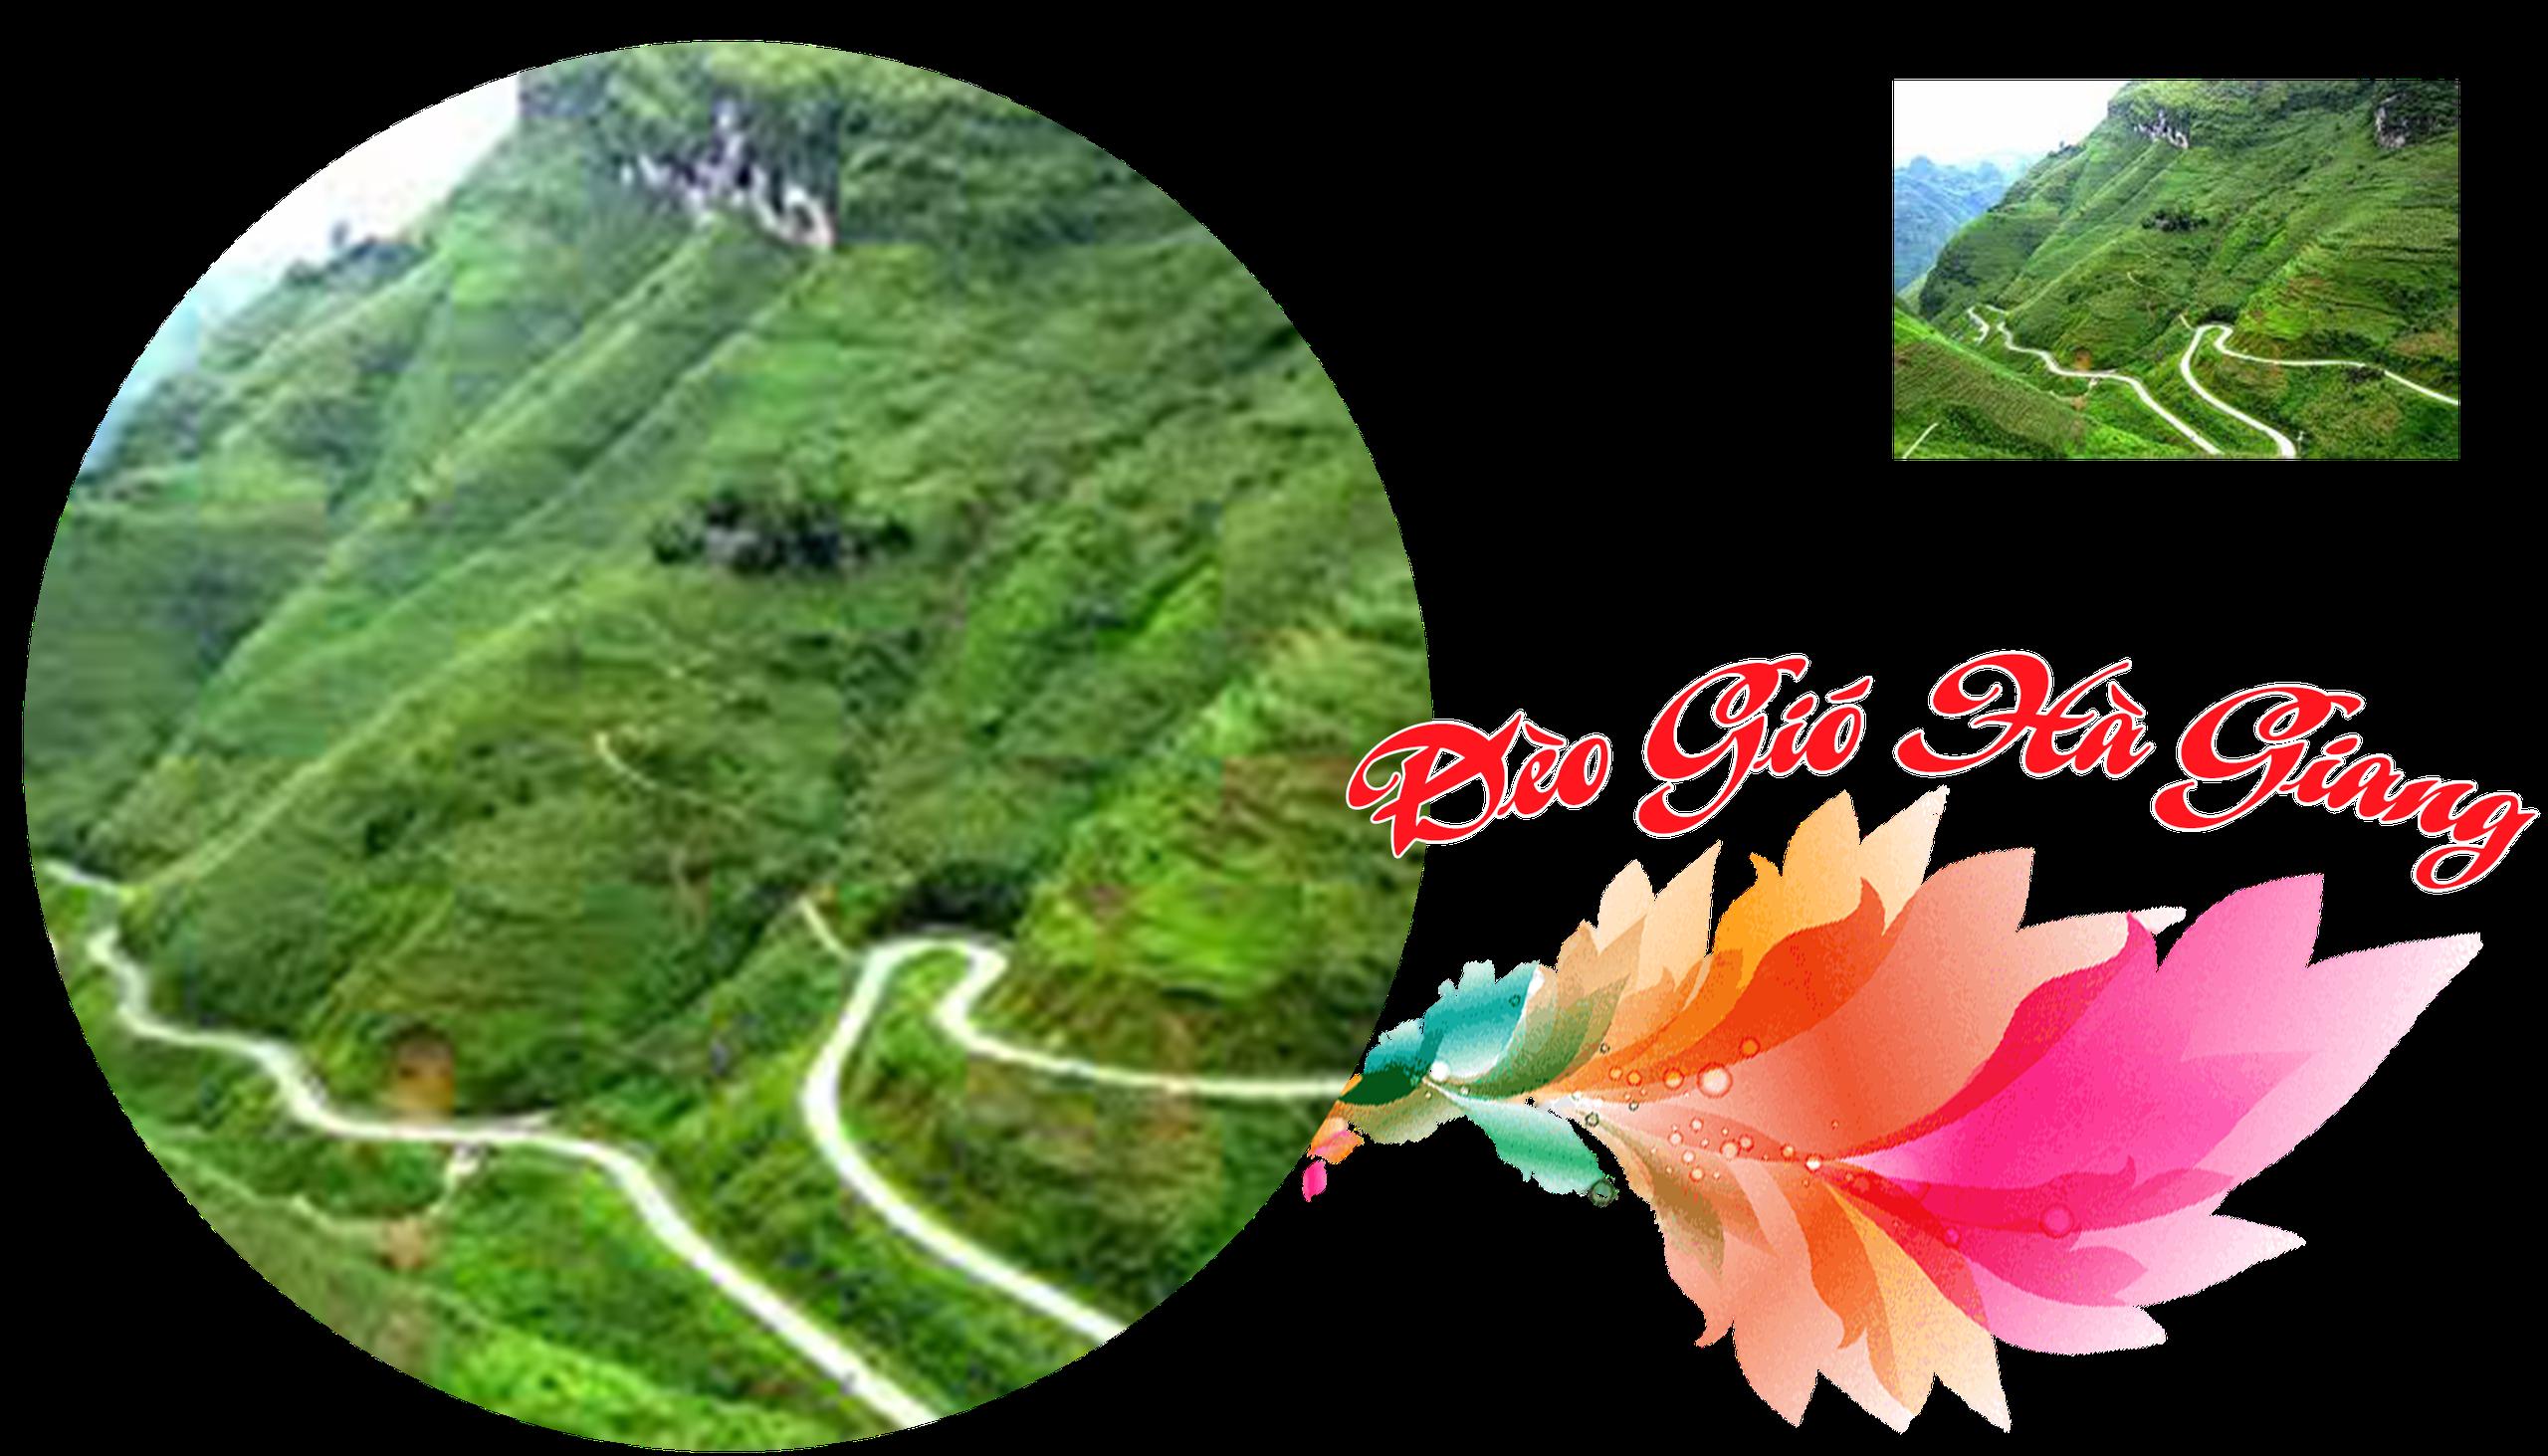 Hà Giang - Rong ruổi trên những cung đường - Ảnh 3.